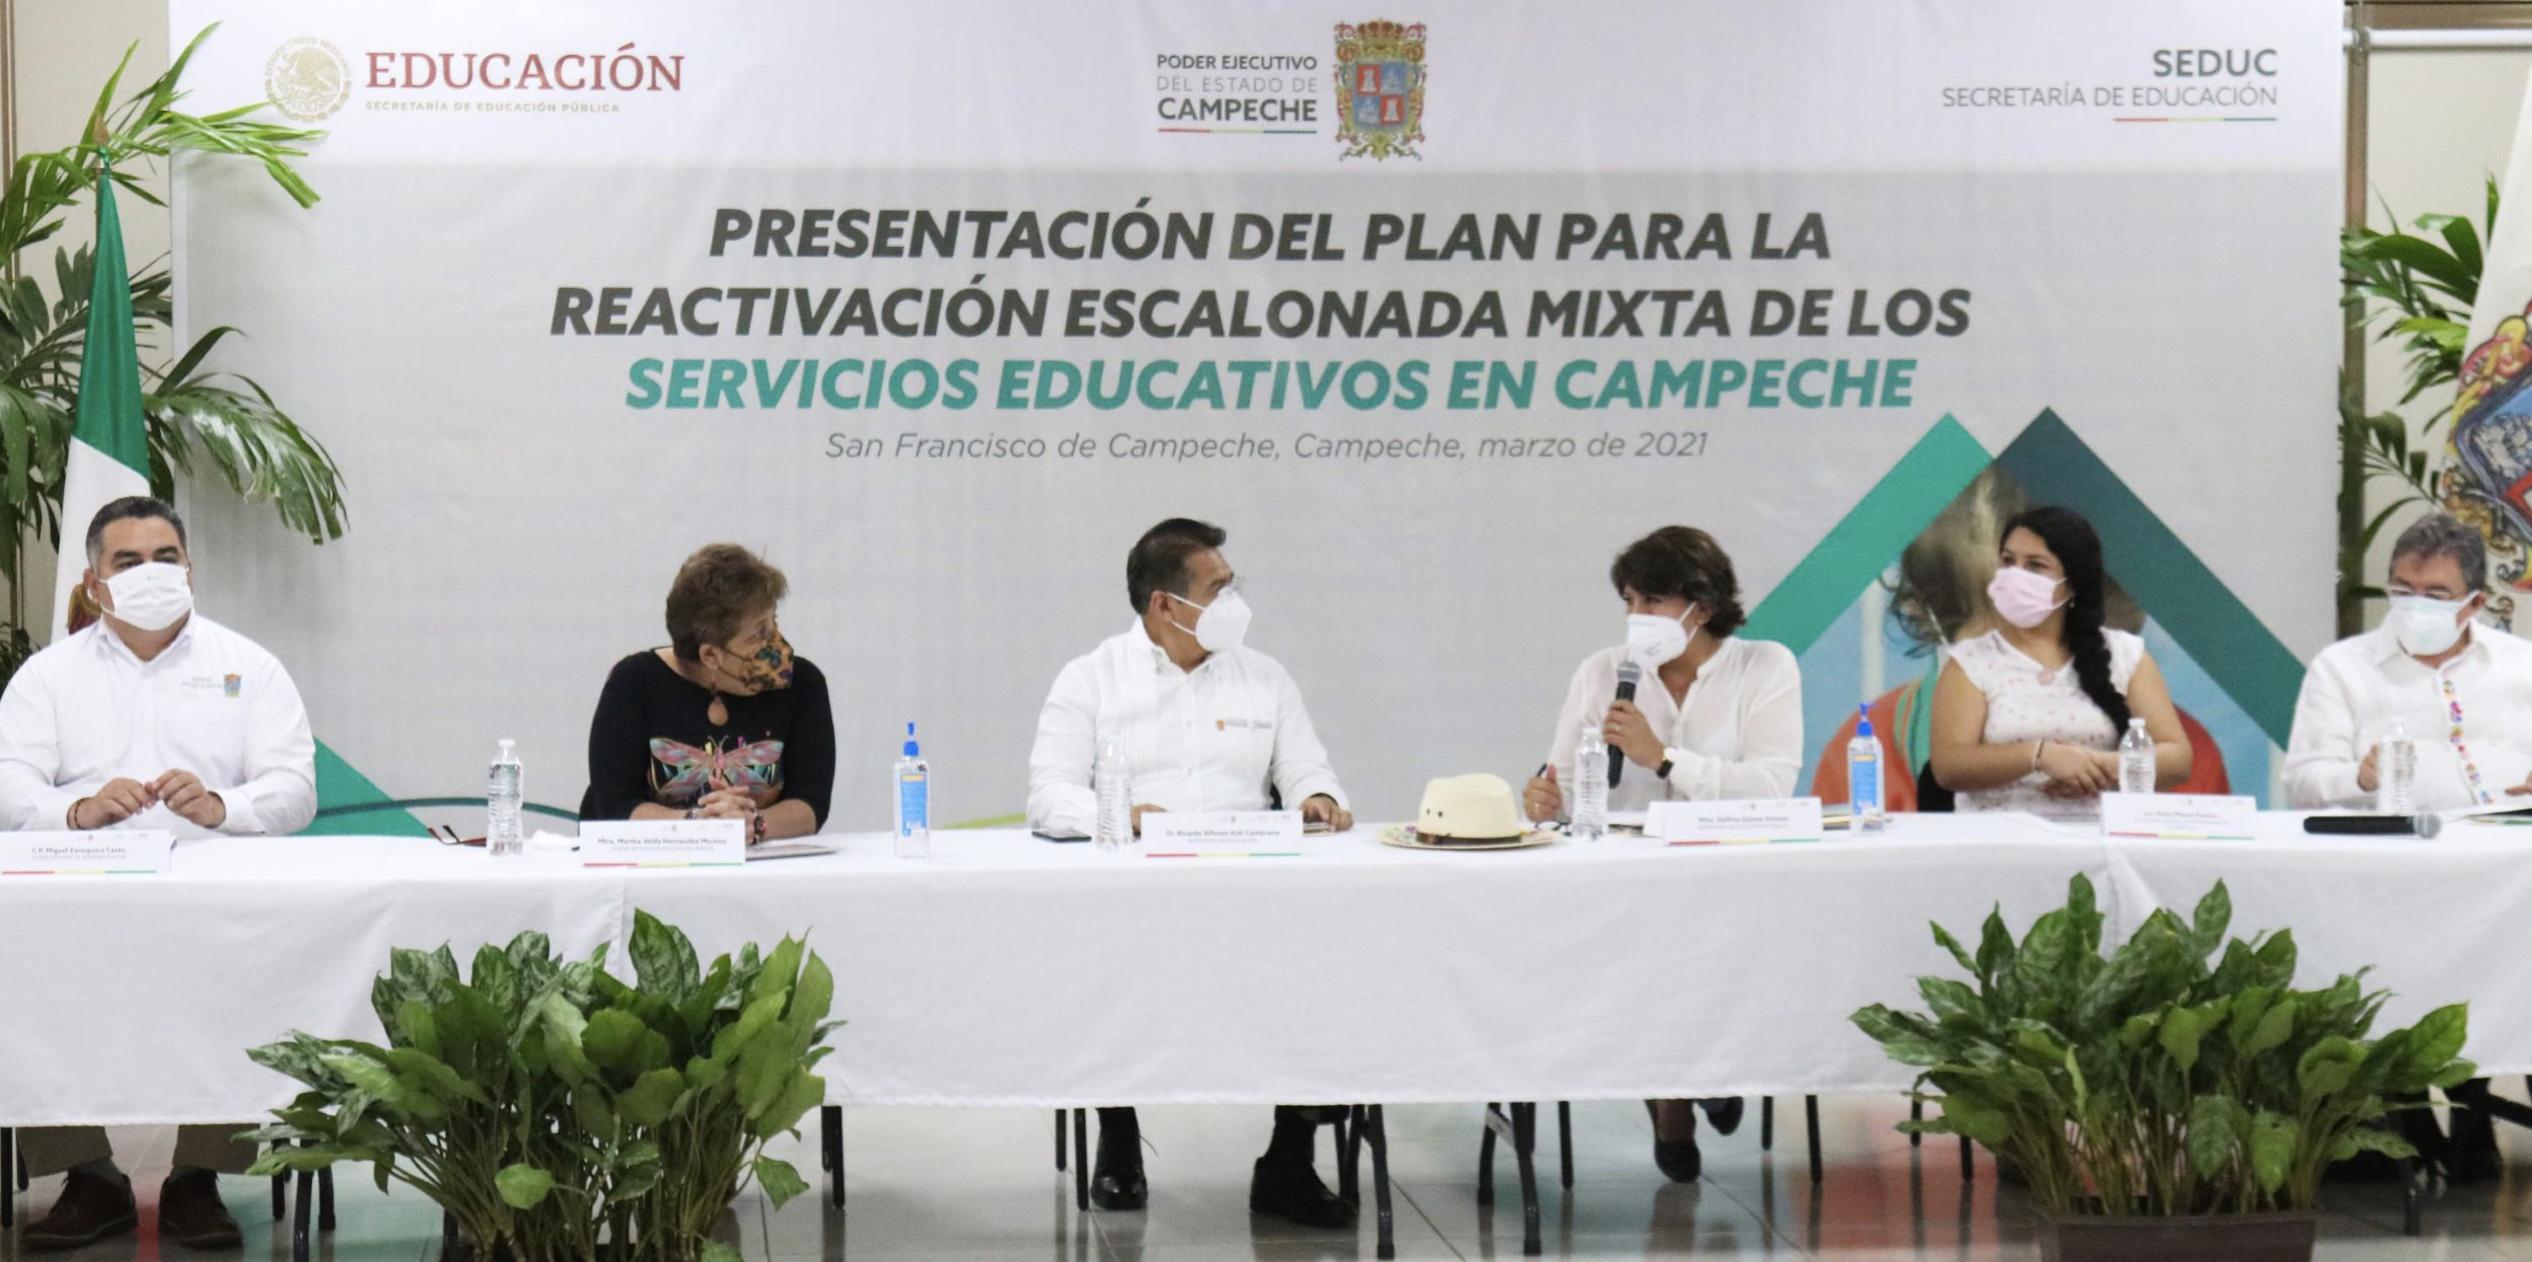 Avanzan Educación y Gobierno de Campeche en el plan para la reactivación de los servicios educativos en la entidad